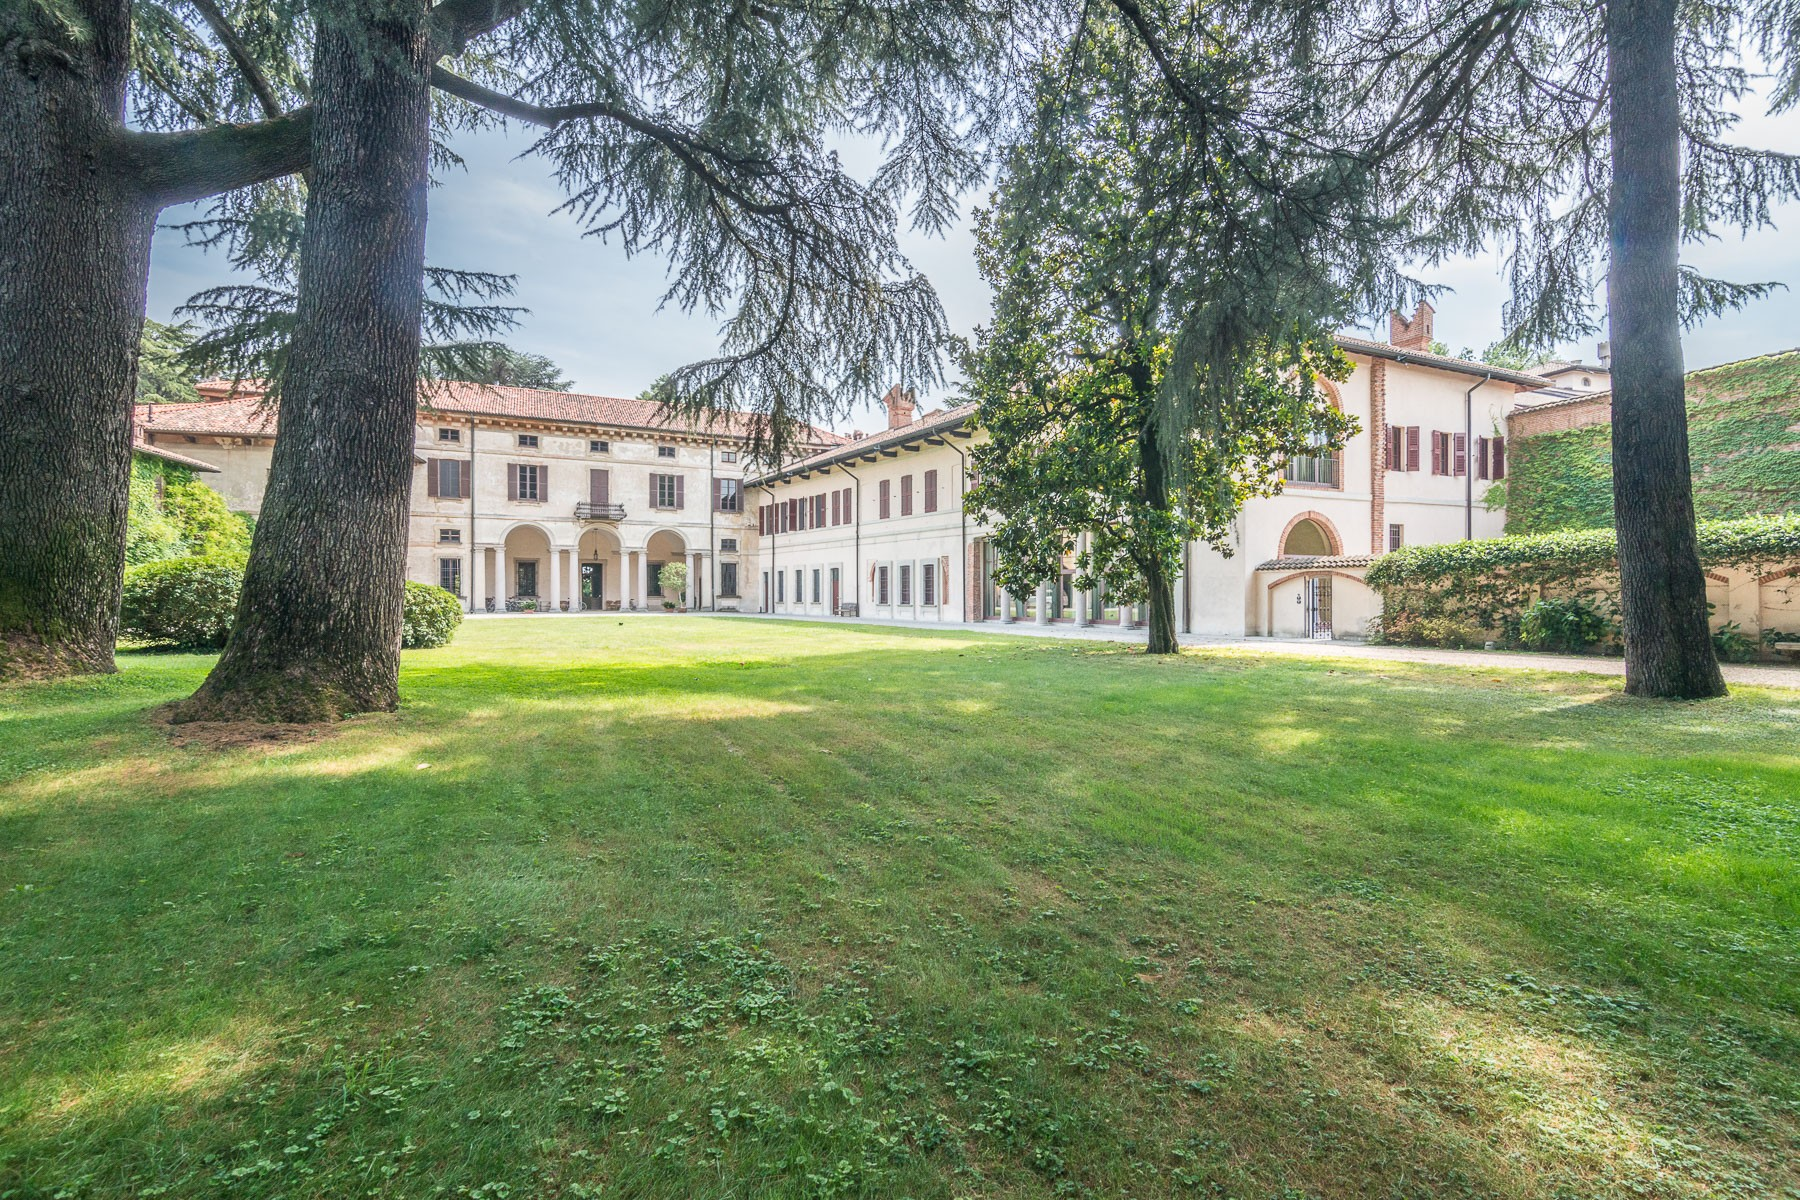 Villa in Vendita a Corbetta: 5 locali, 1500 mq - Foto 3